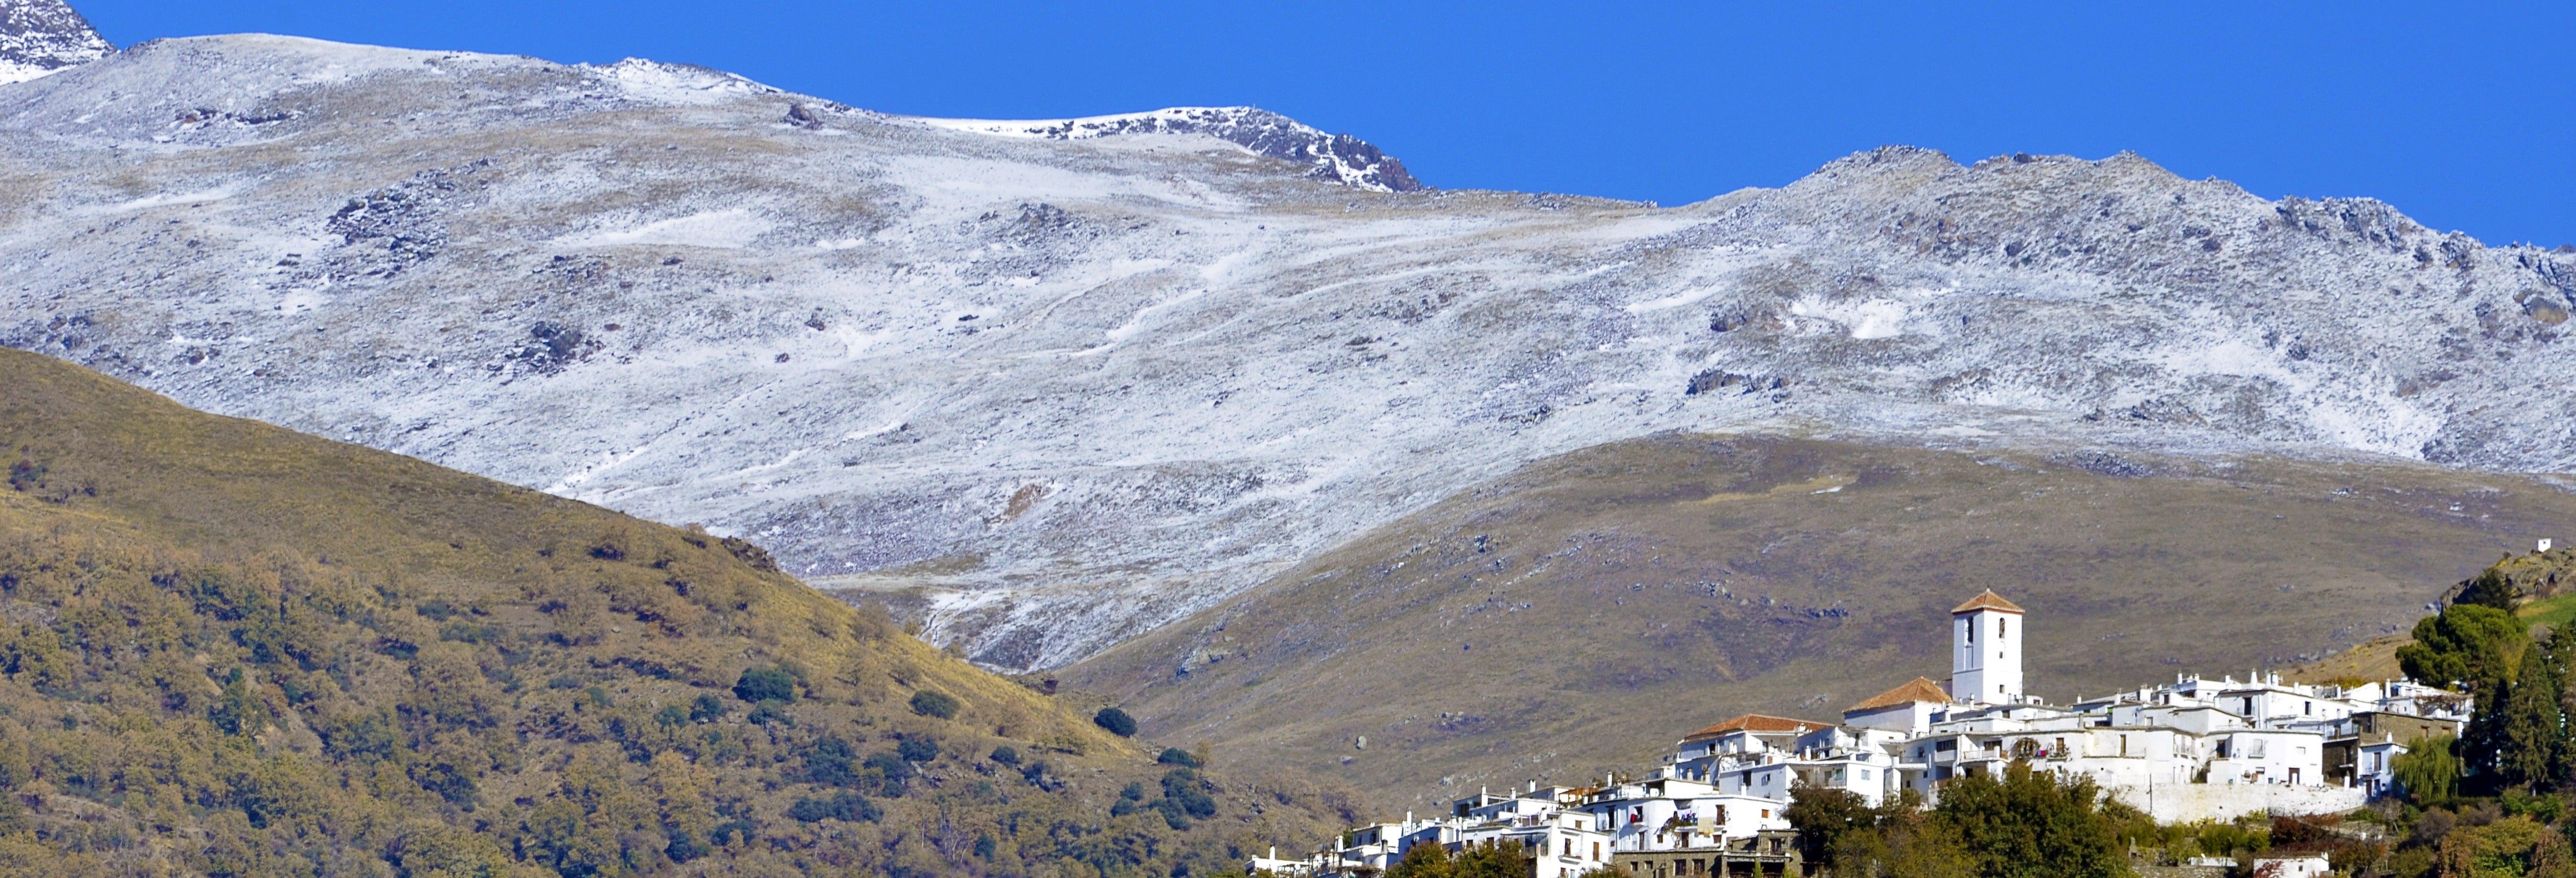 La Alpujarra Horse Riding Tour